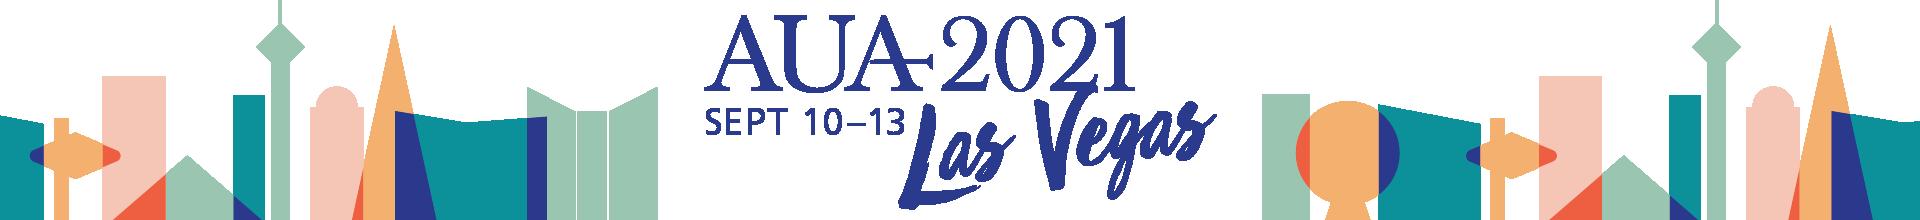 AUA 2021 Annual Meeting Event Banner